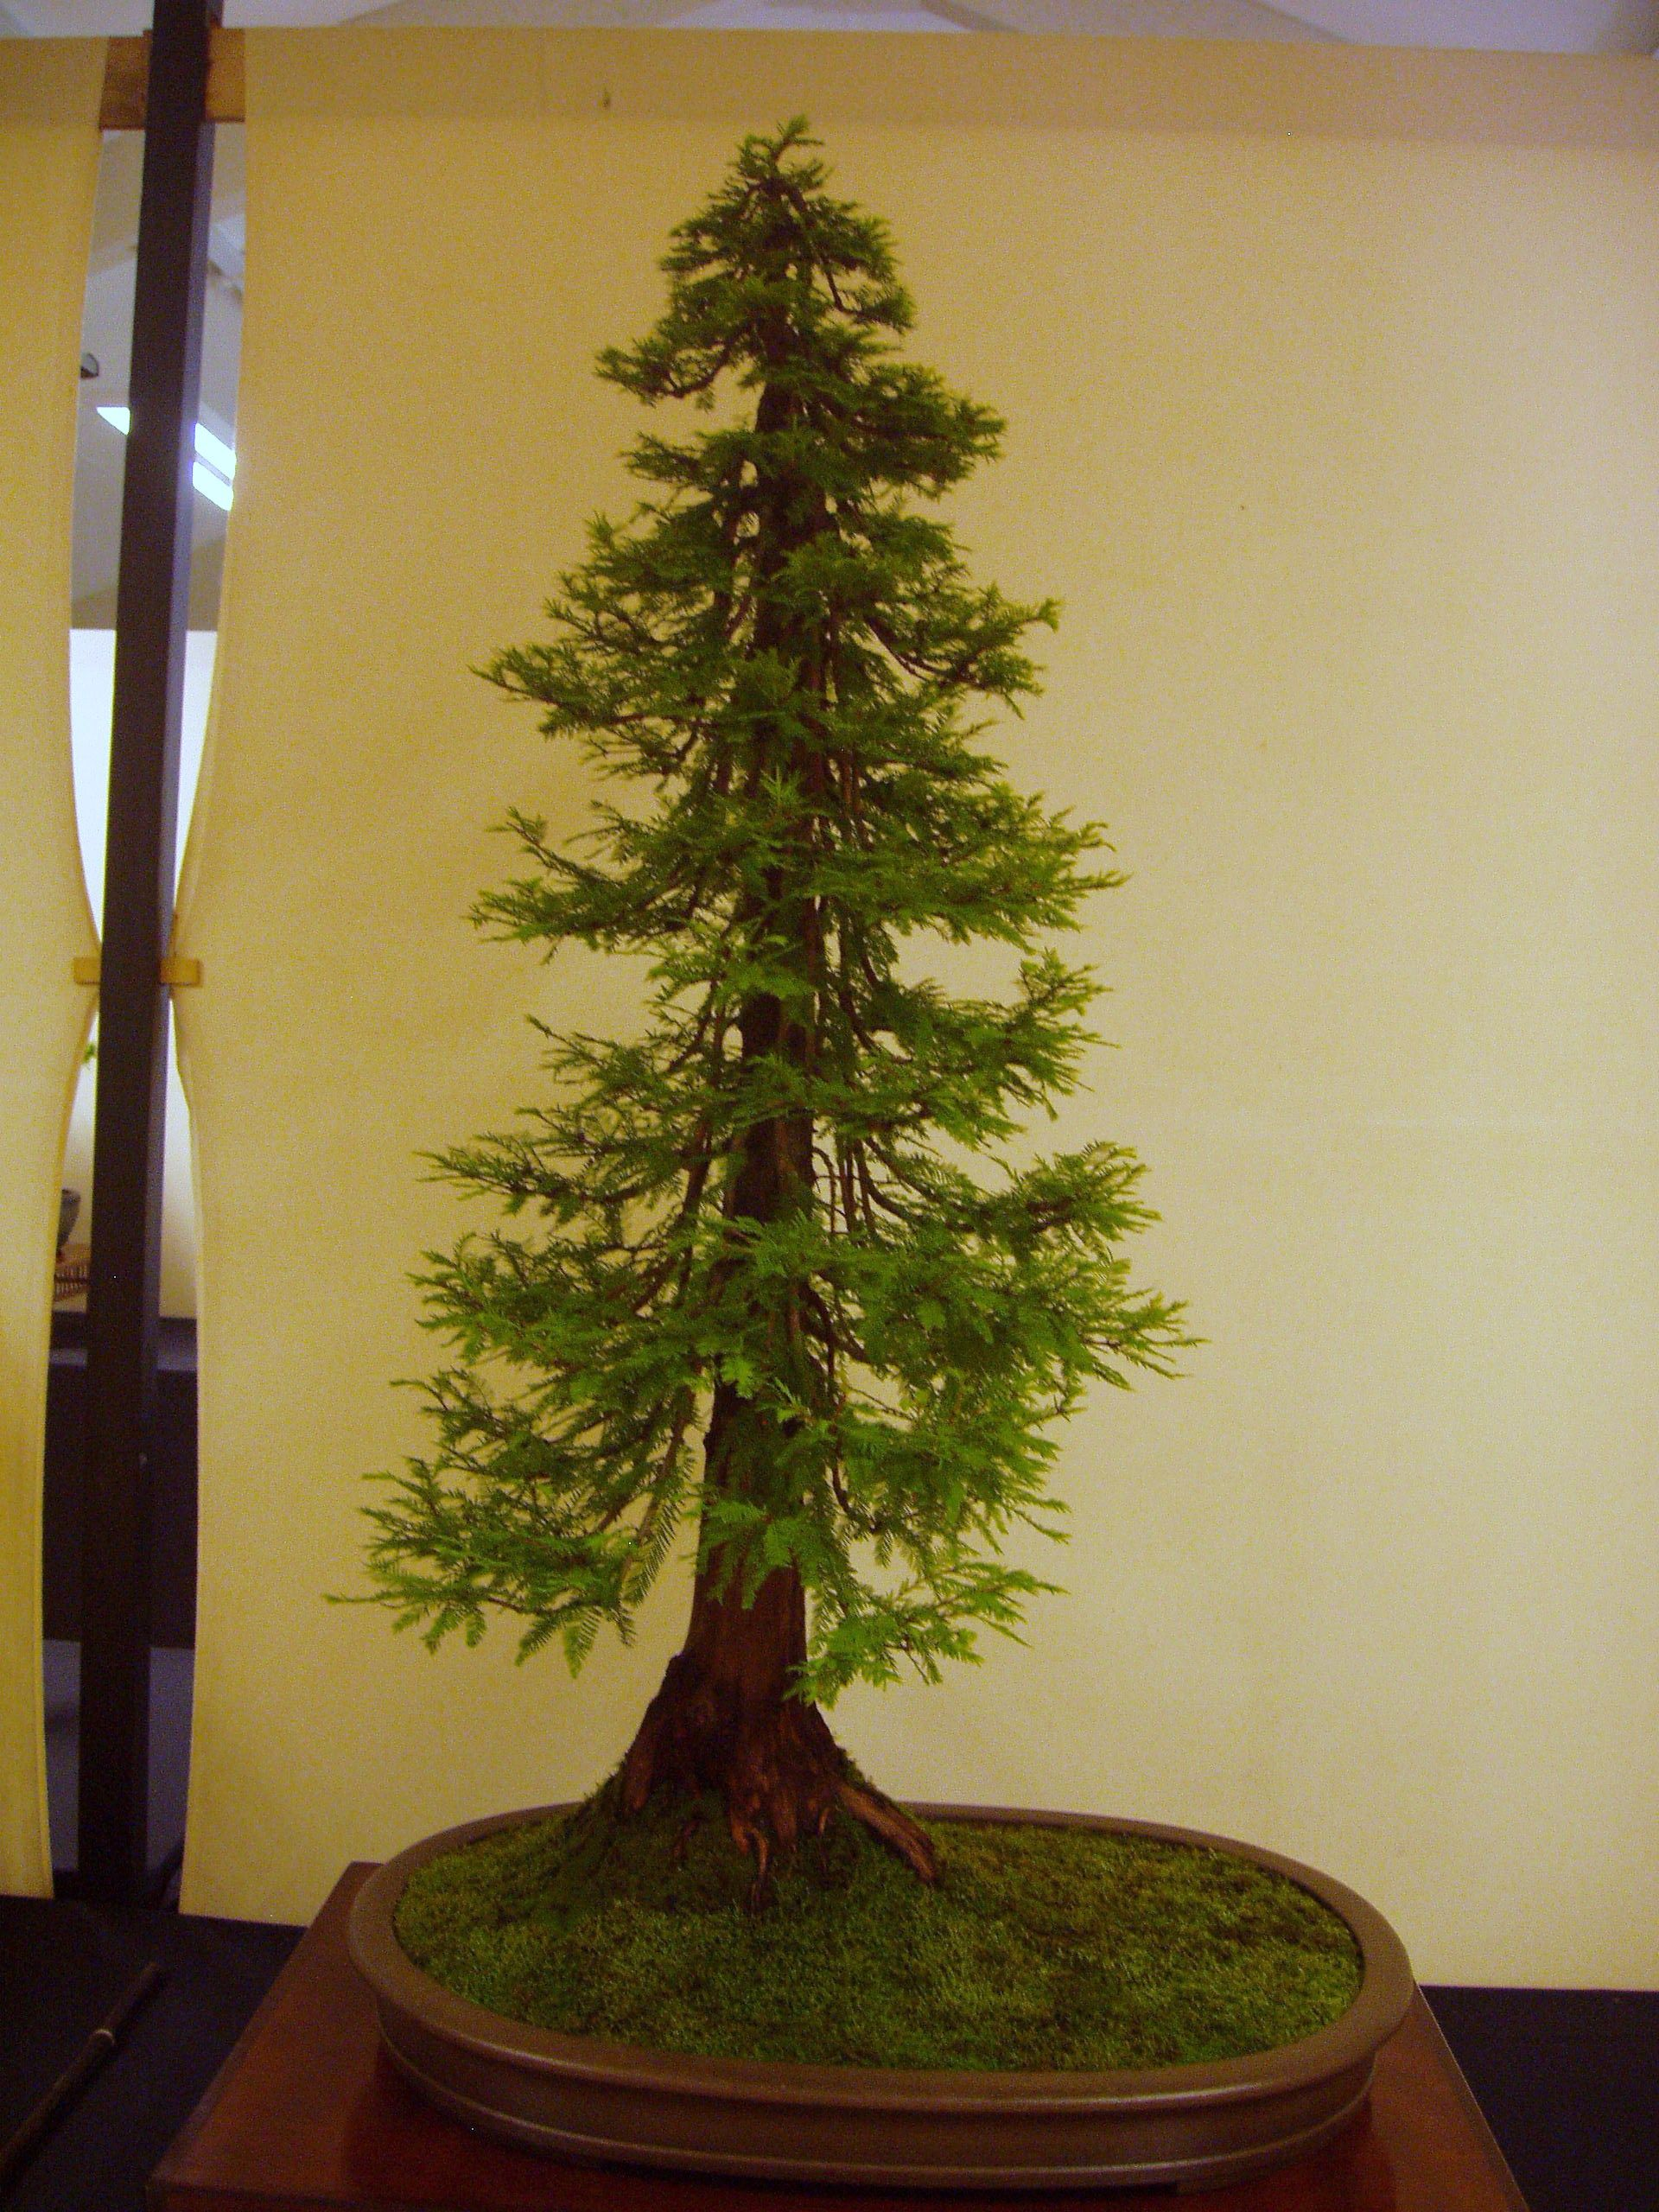 Dawn Redwood Bonsai Bonsai Tree Bonsai Tree Types Redwood Bonsai